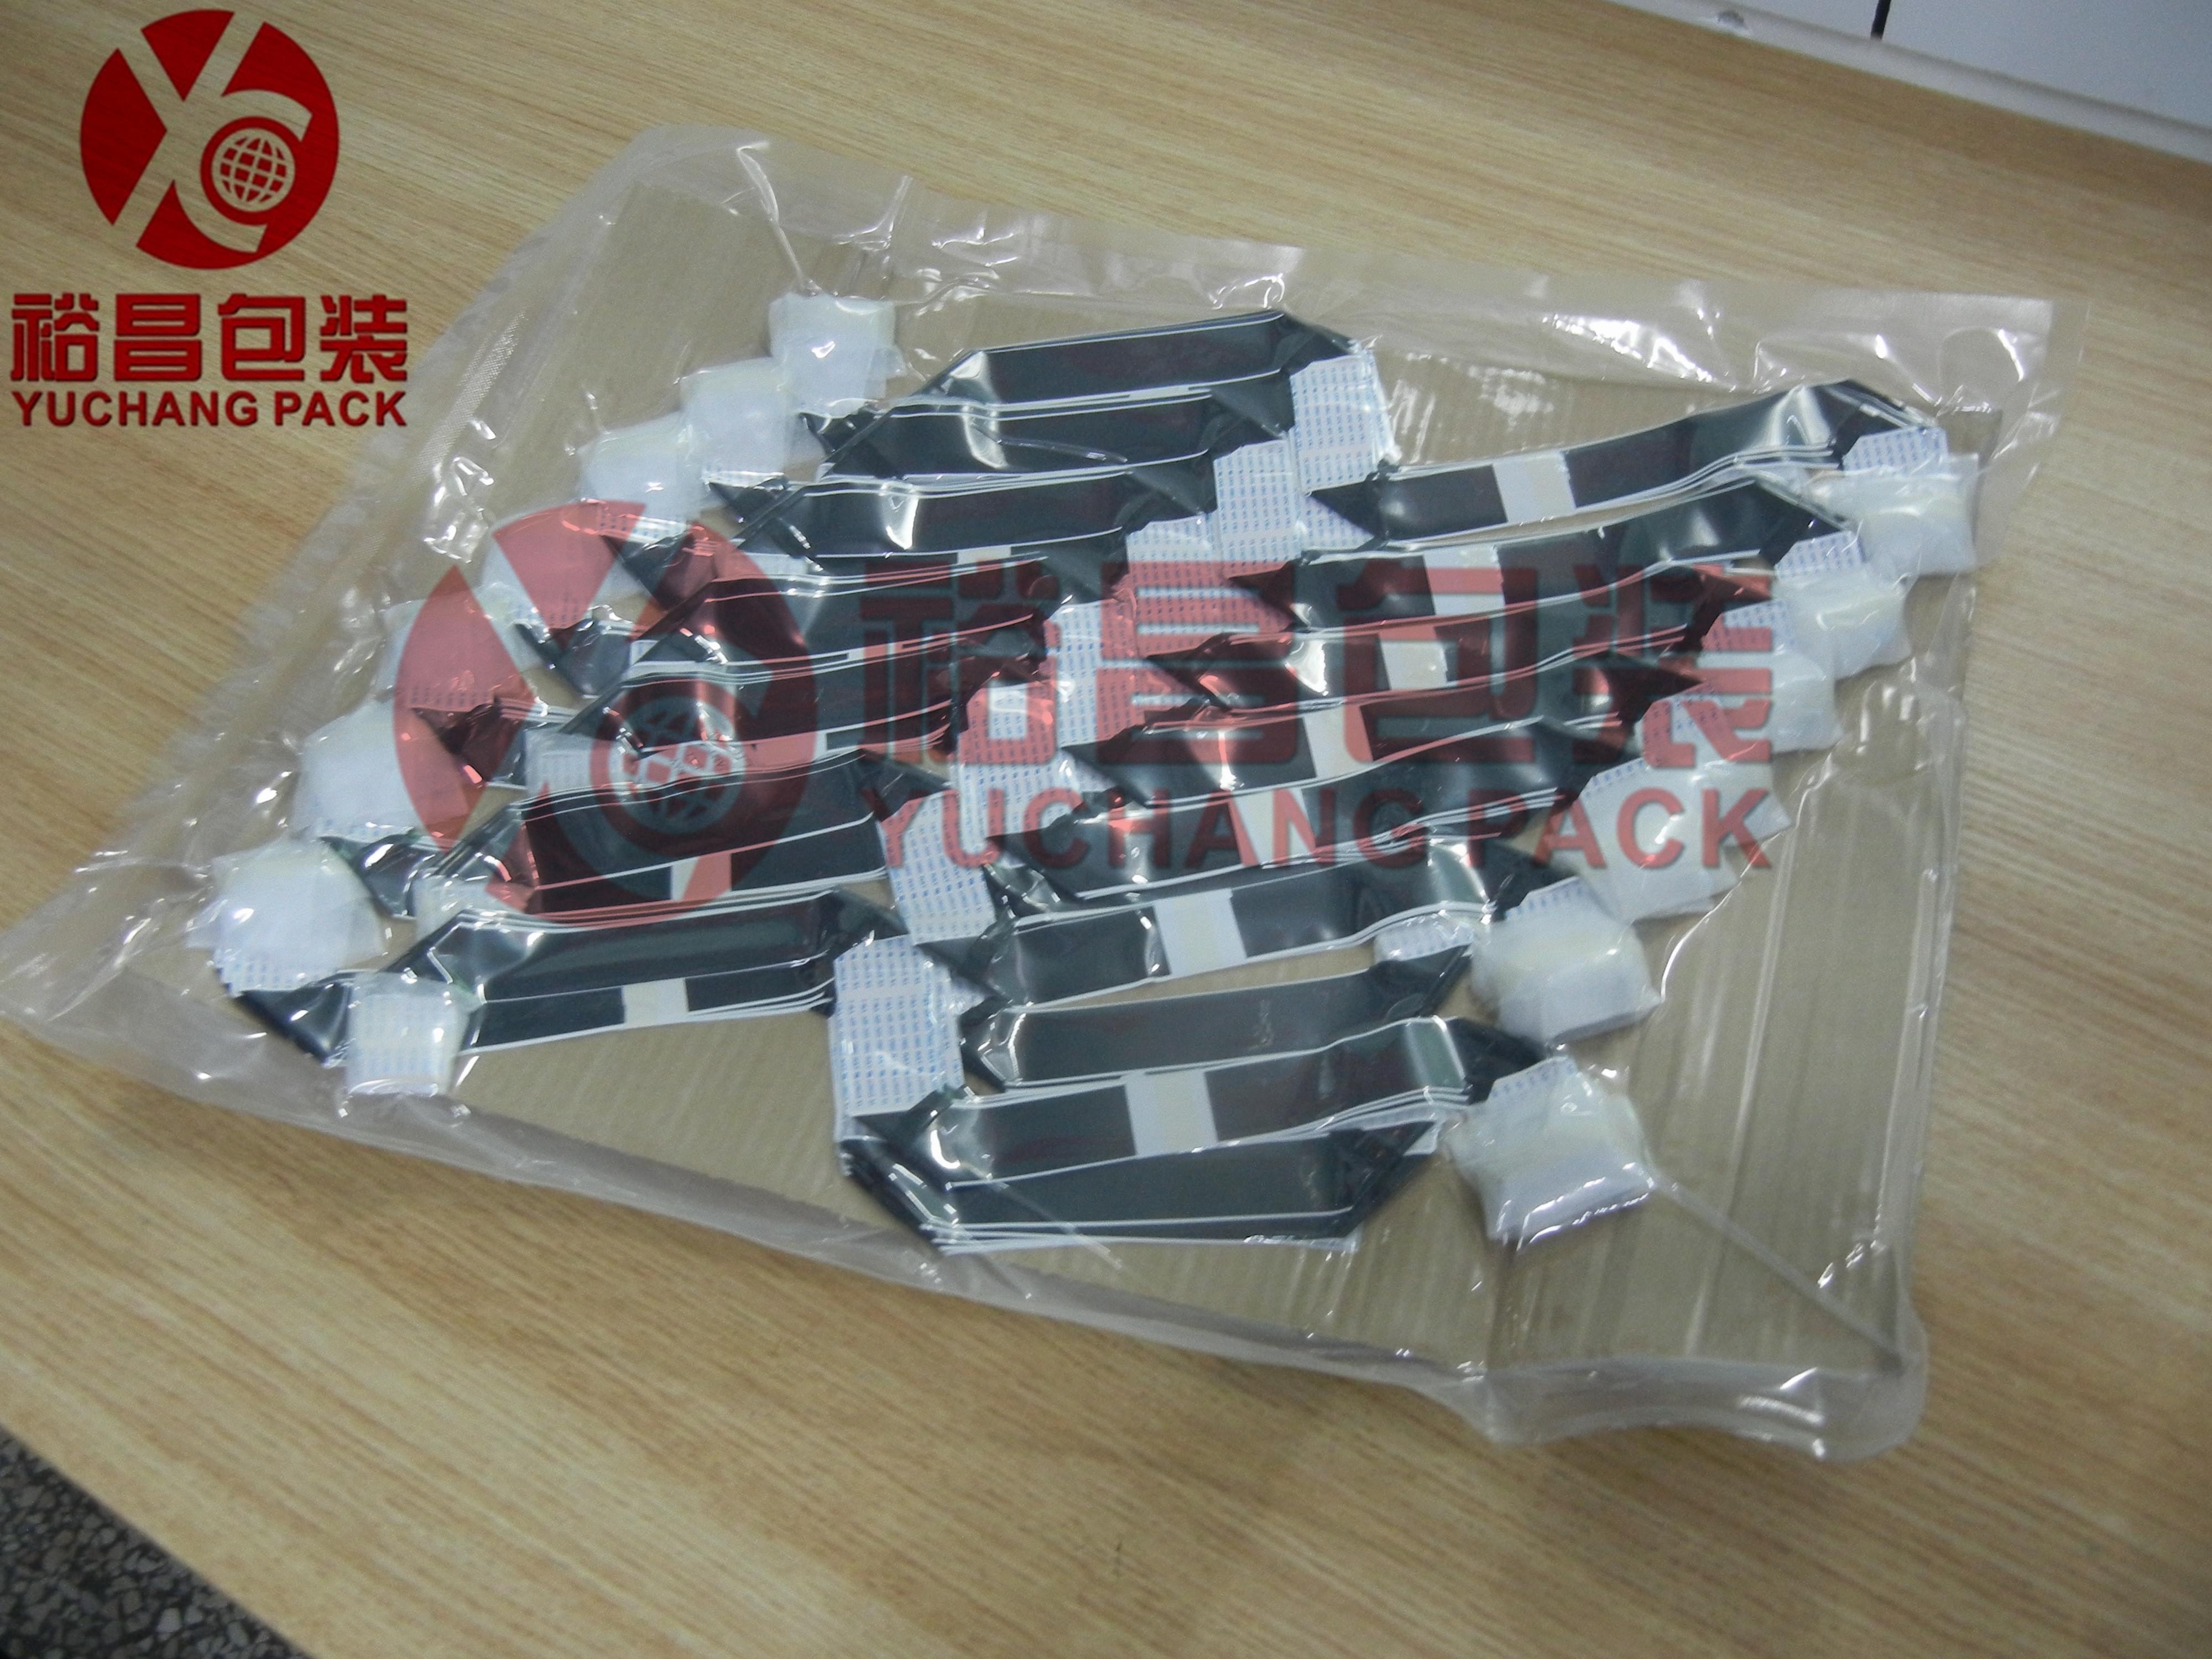 裕昌包装为东莞阳康电子解决排线包装问题